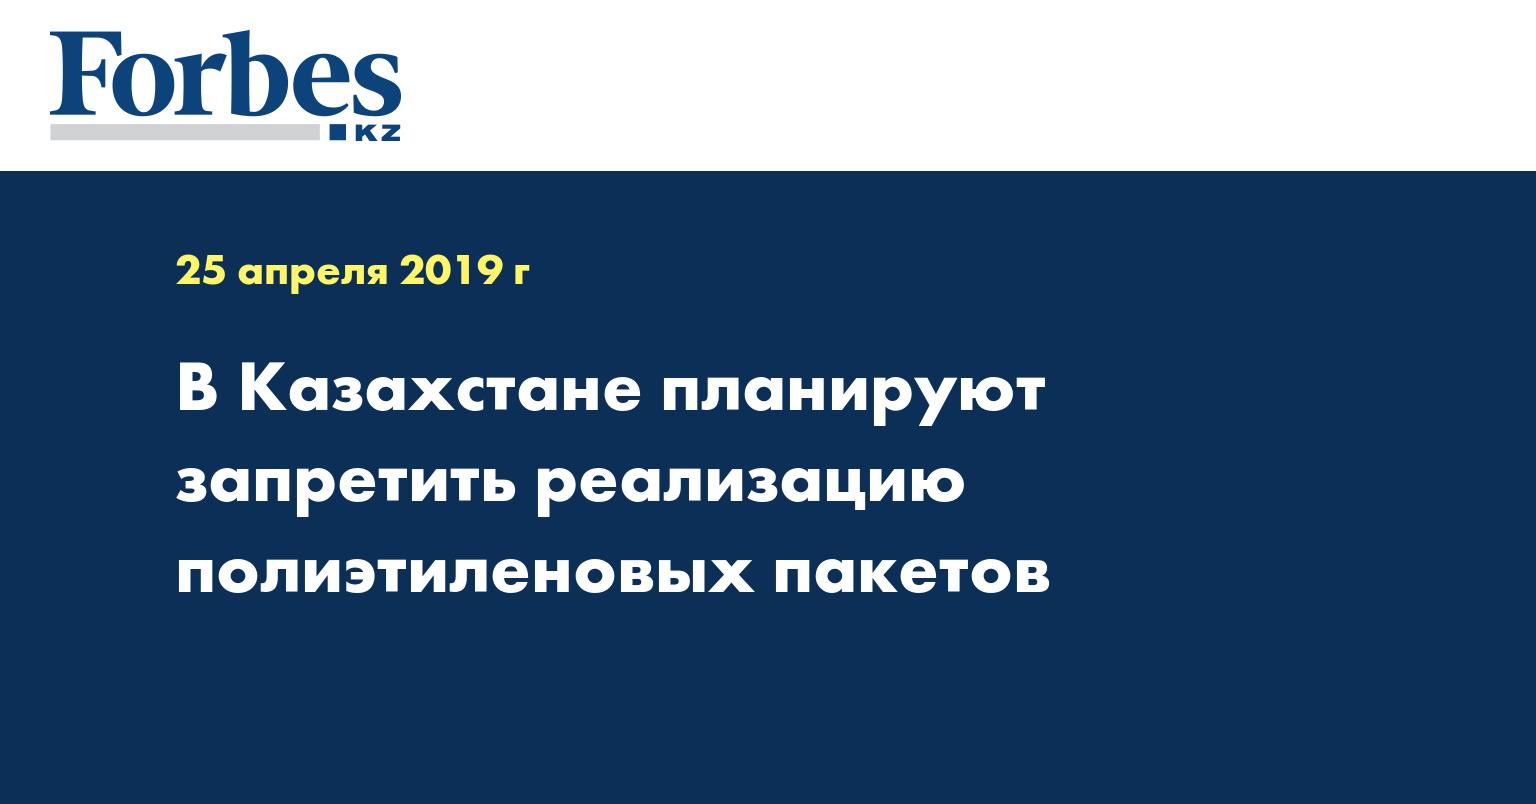 В Казахстане планируют запретить реализацию полиэтиленовых пакетов